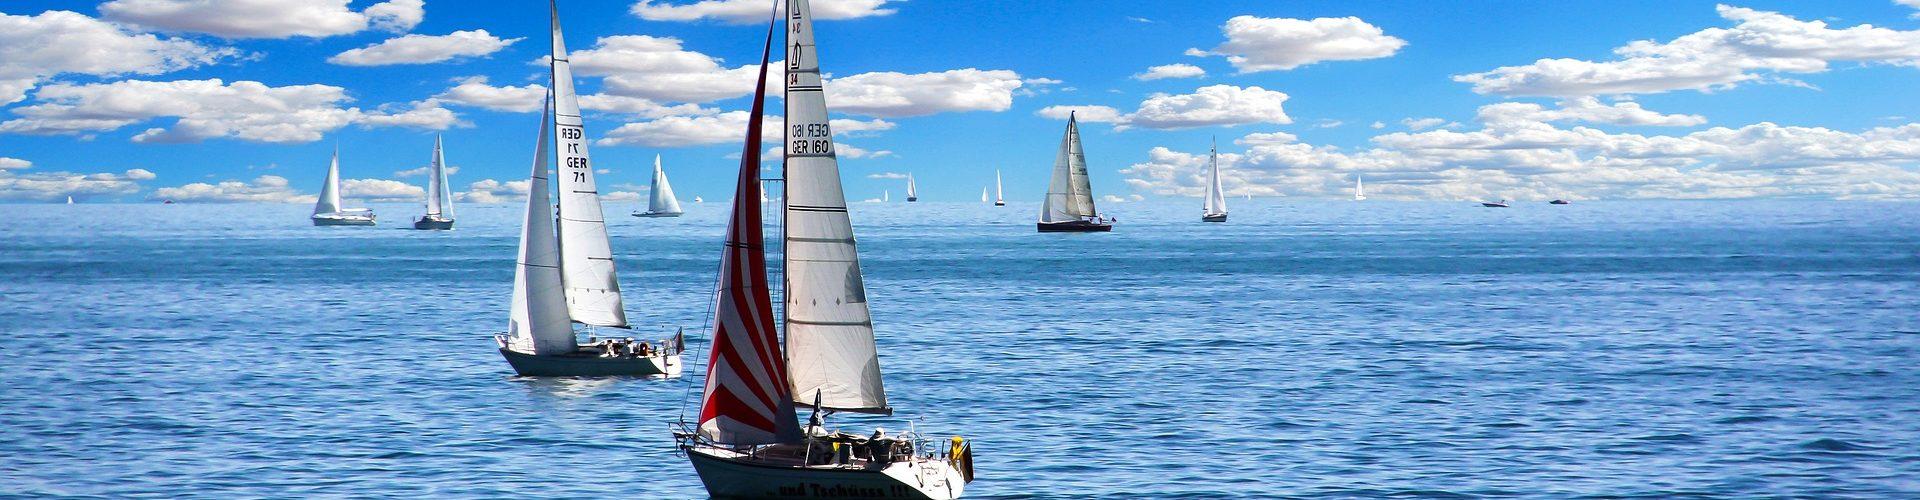 segeln lernen in Mendig segelschein machen in Mendig 1920x500 - Segeln lernen in Mendig